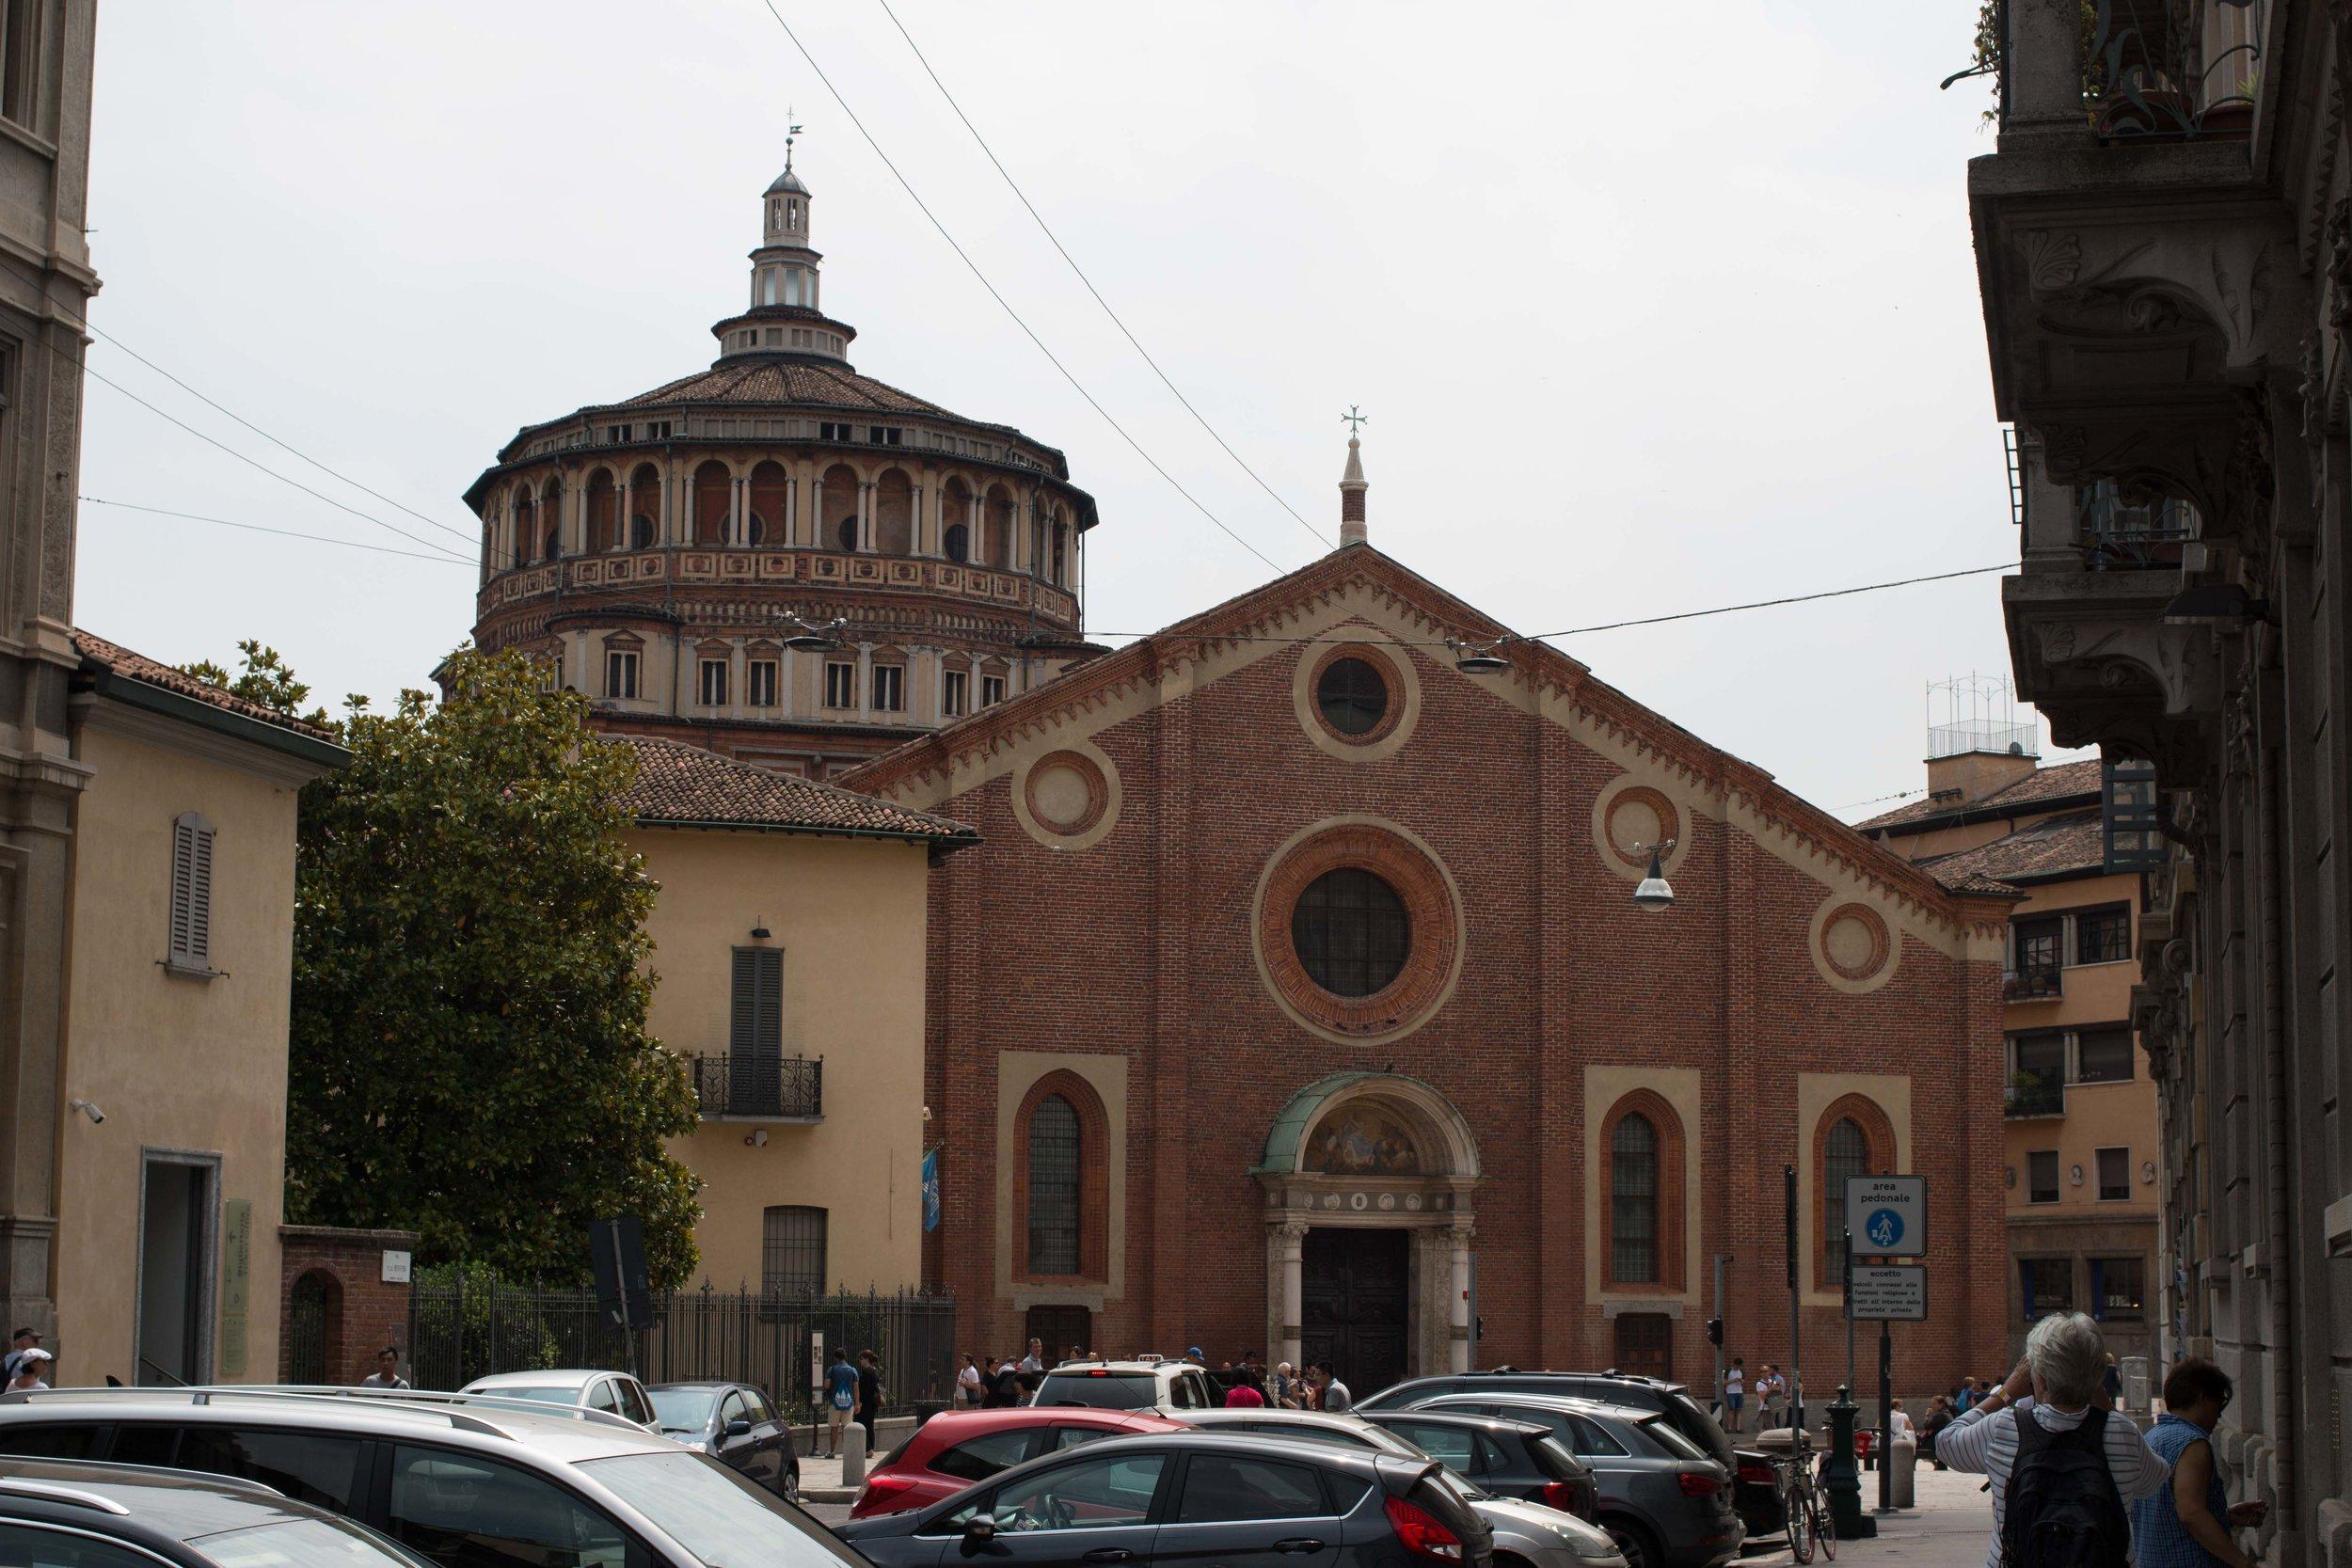 Non-descript exterior of the Convent of Santa Maria delle Grazie